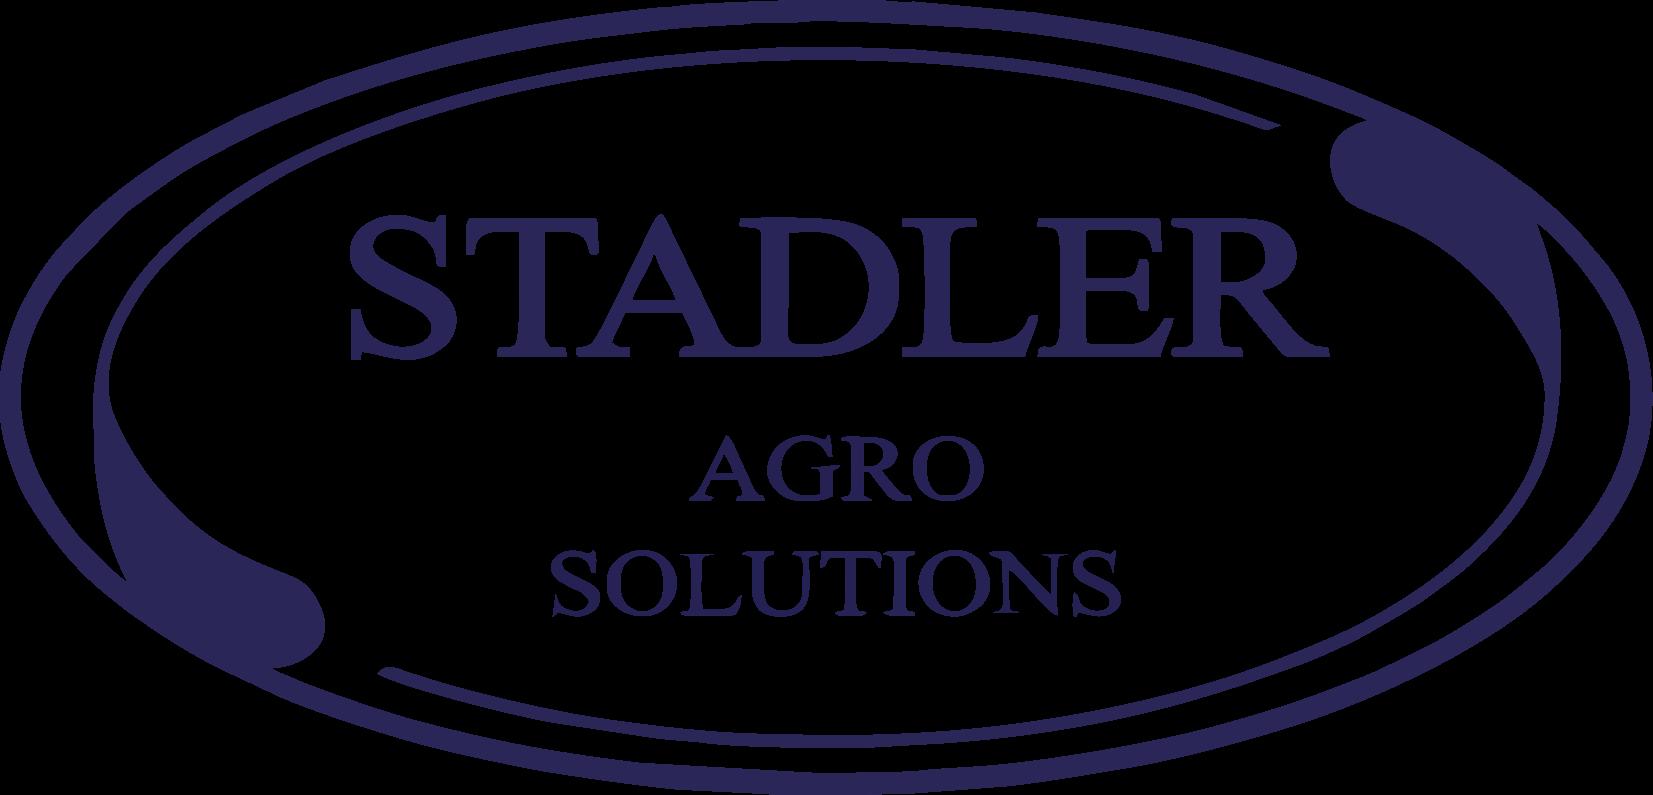 Stadler Agro Solutions